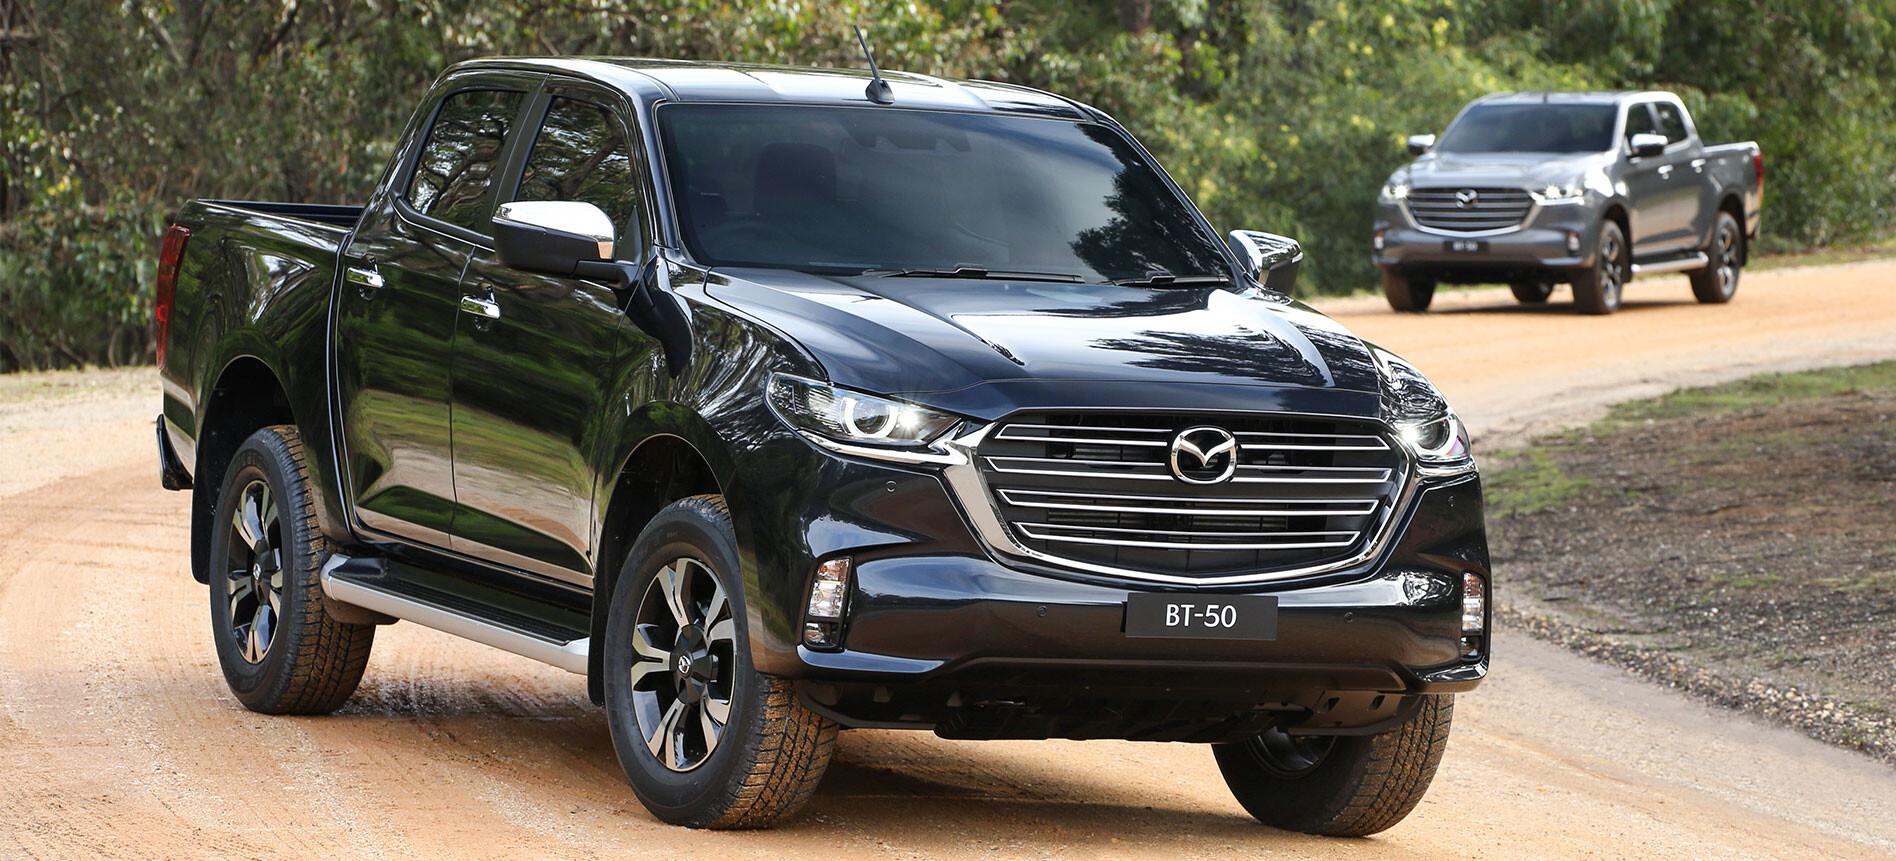 2021 Mazda BT-50 Australia